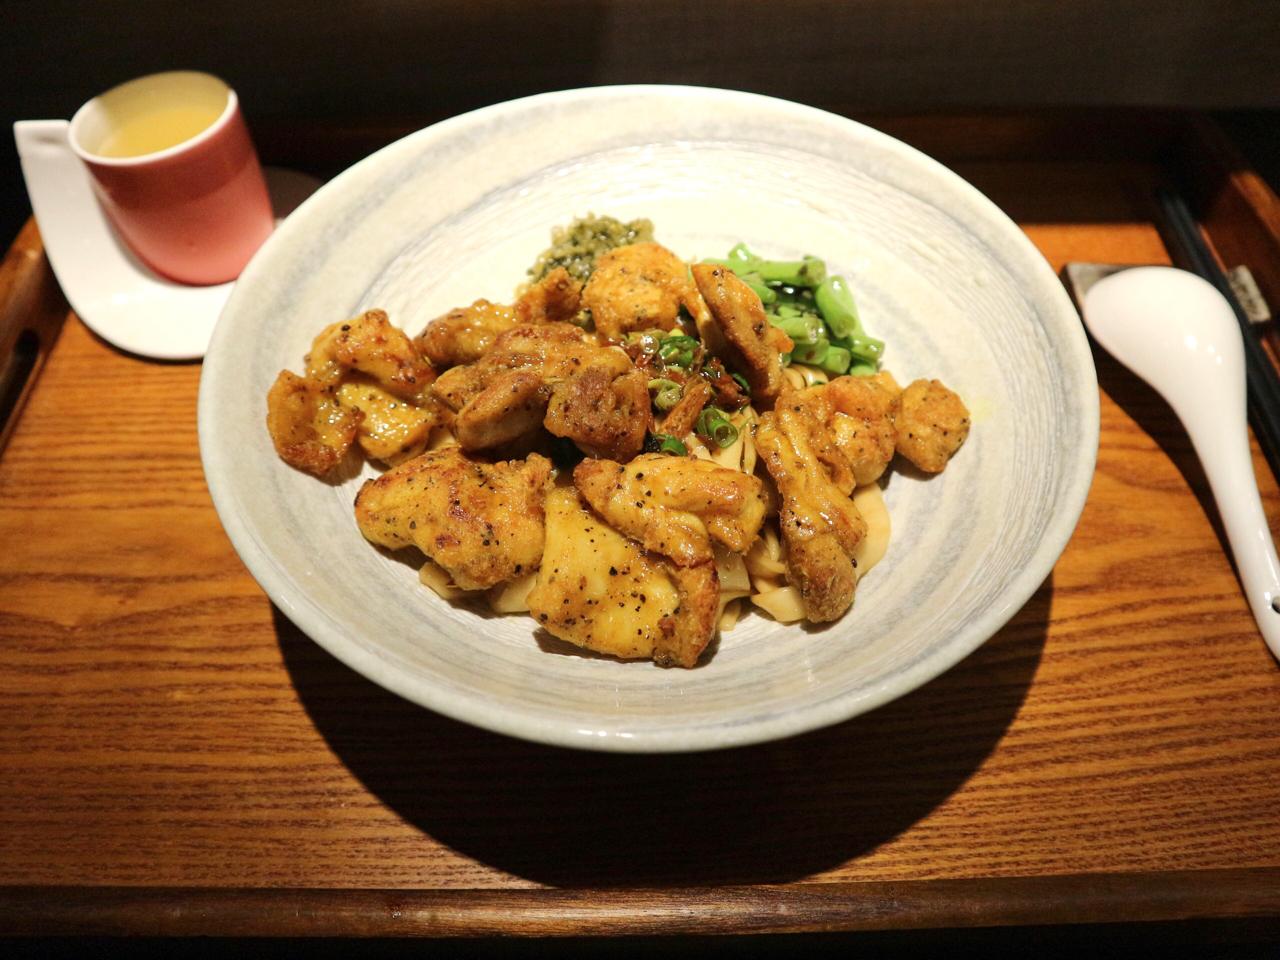 【台湾】揚げたての鶏肉たっぷりの汁なし麺が絶品!隠れ家のような雰囲気の台北「來了就吃」 画像1